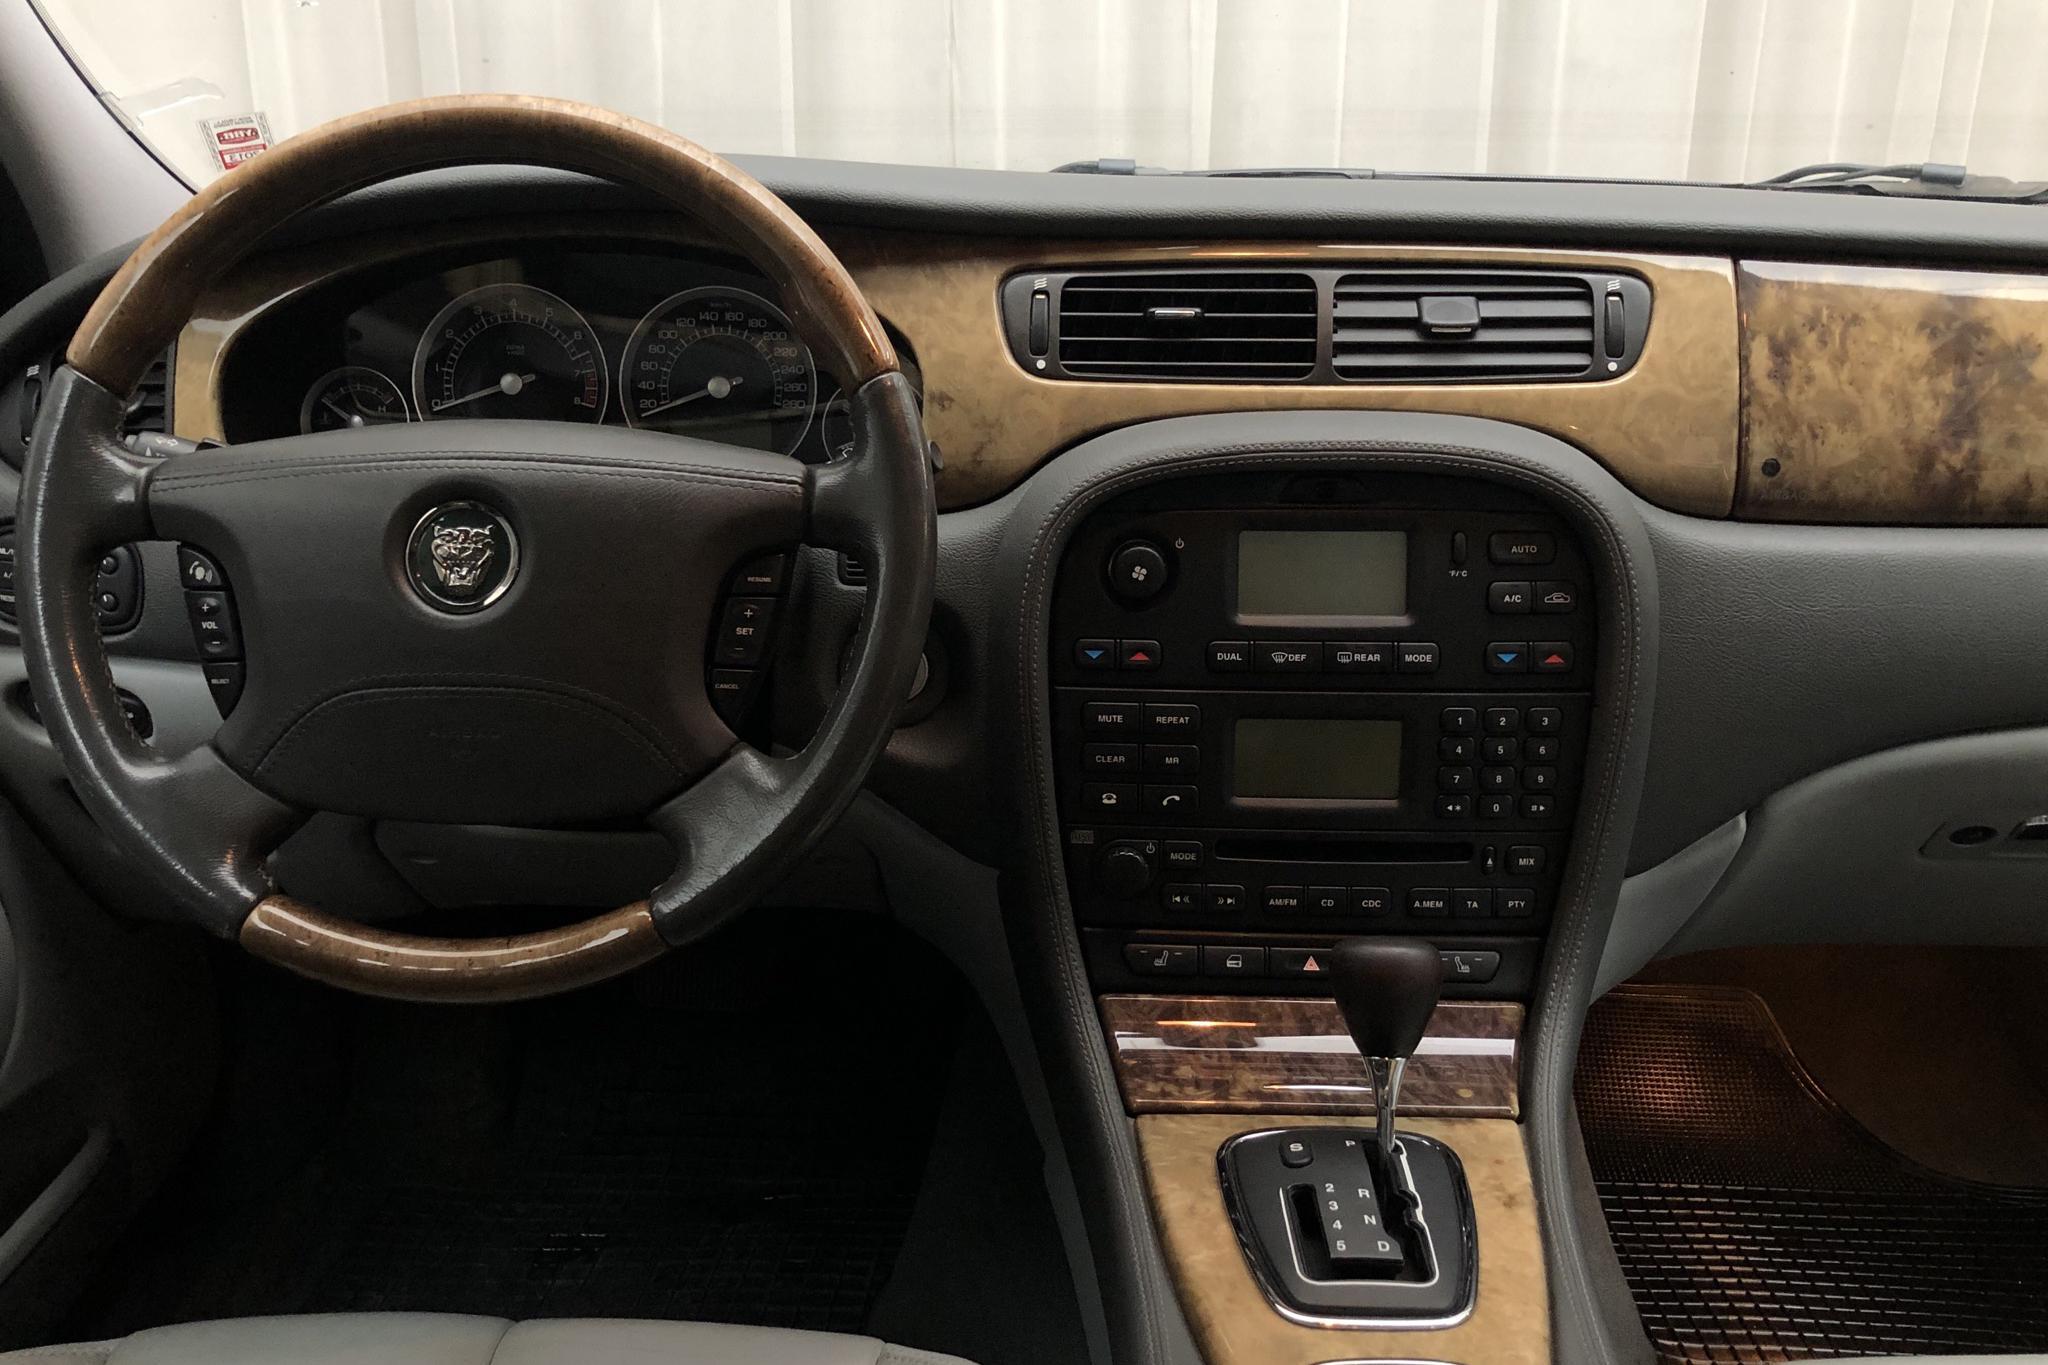 Jaguar S-type 3.0 V6 (240hk) - 16 485 mil - Automat - Dark Grey - 2005